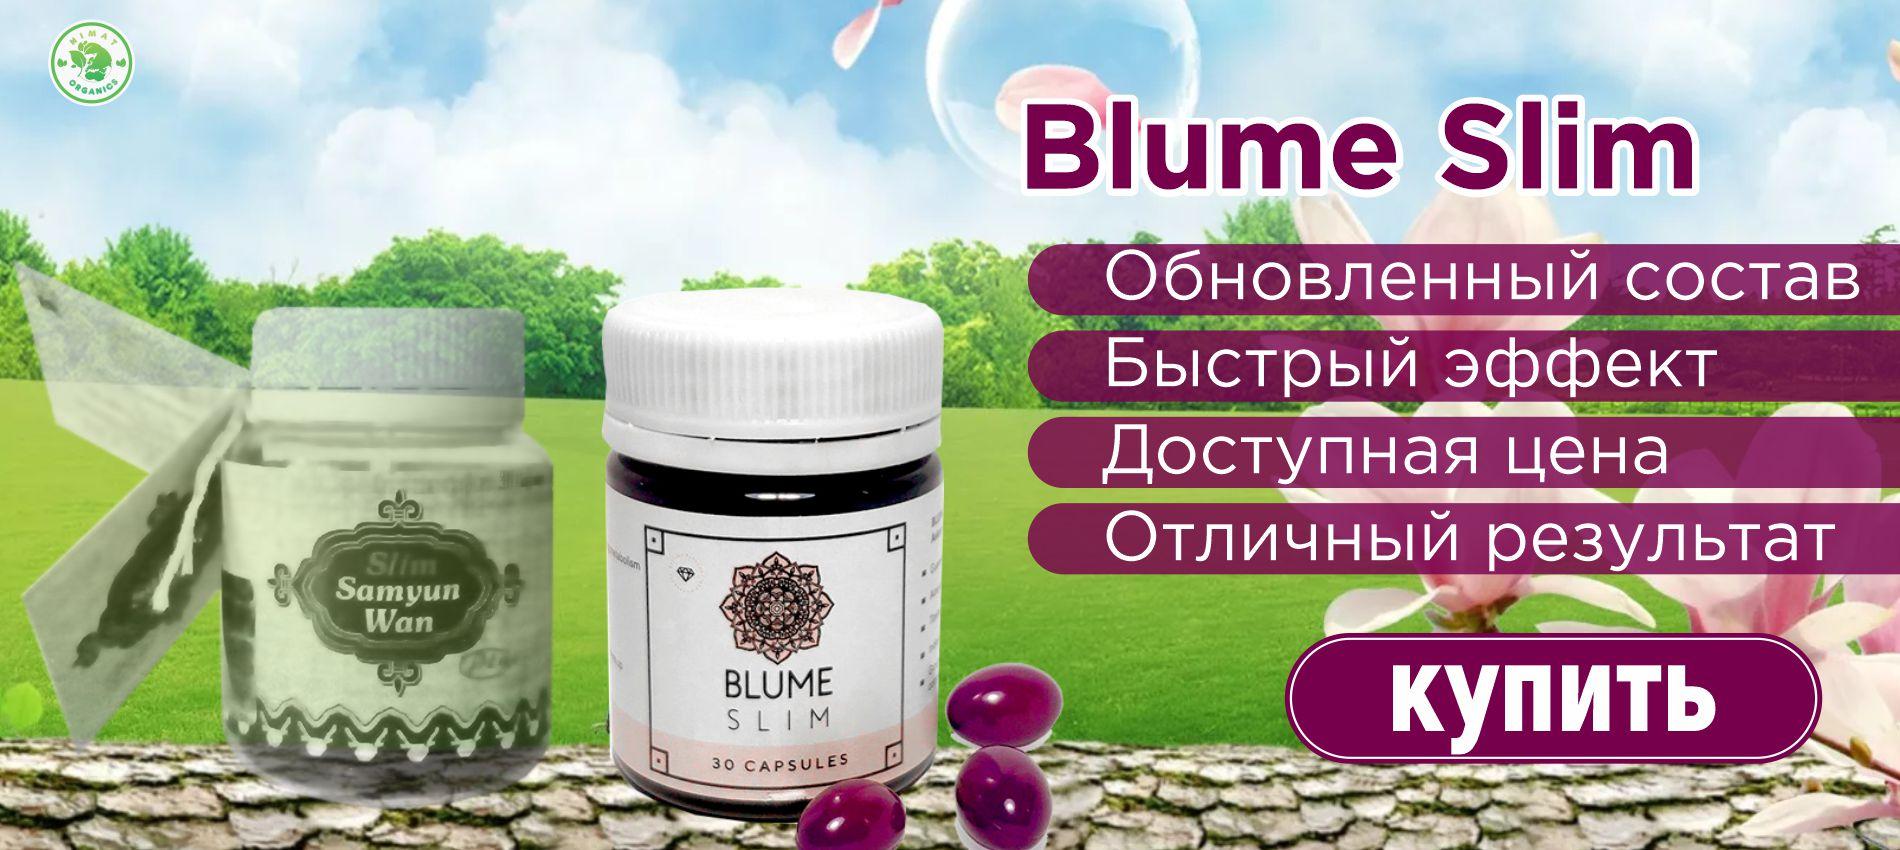 Blume Slim для похудения